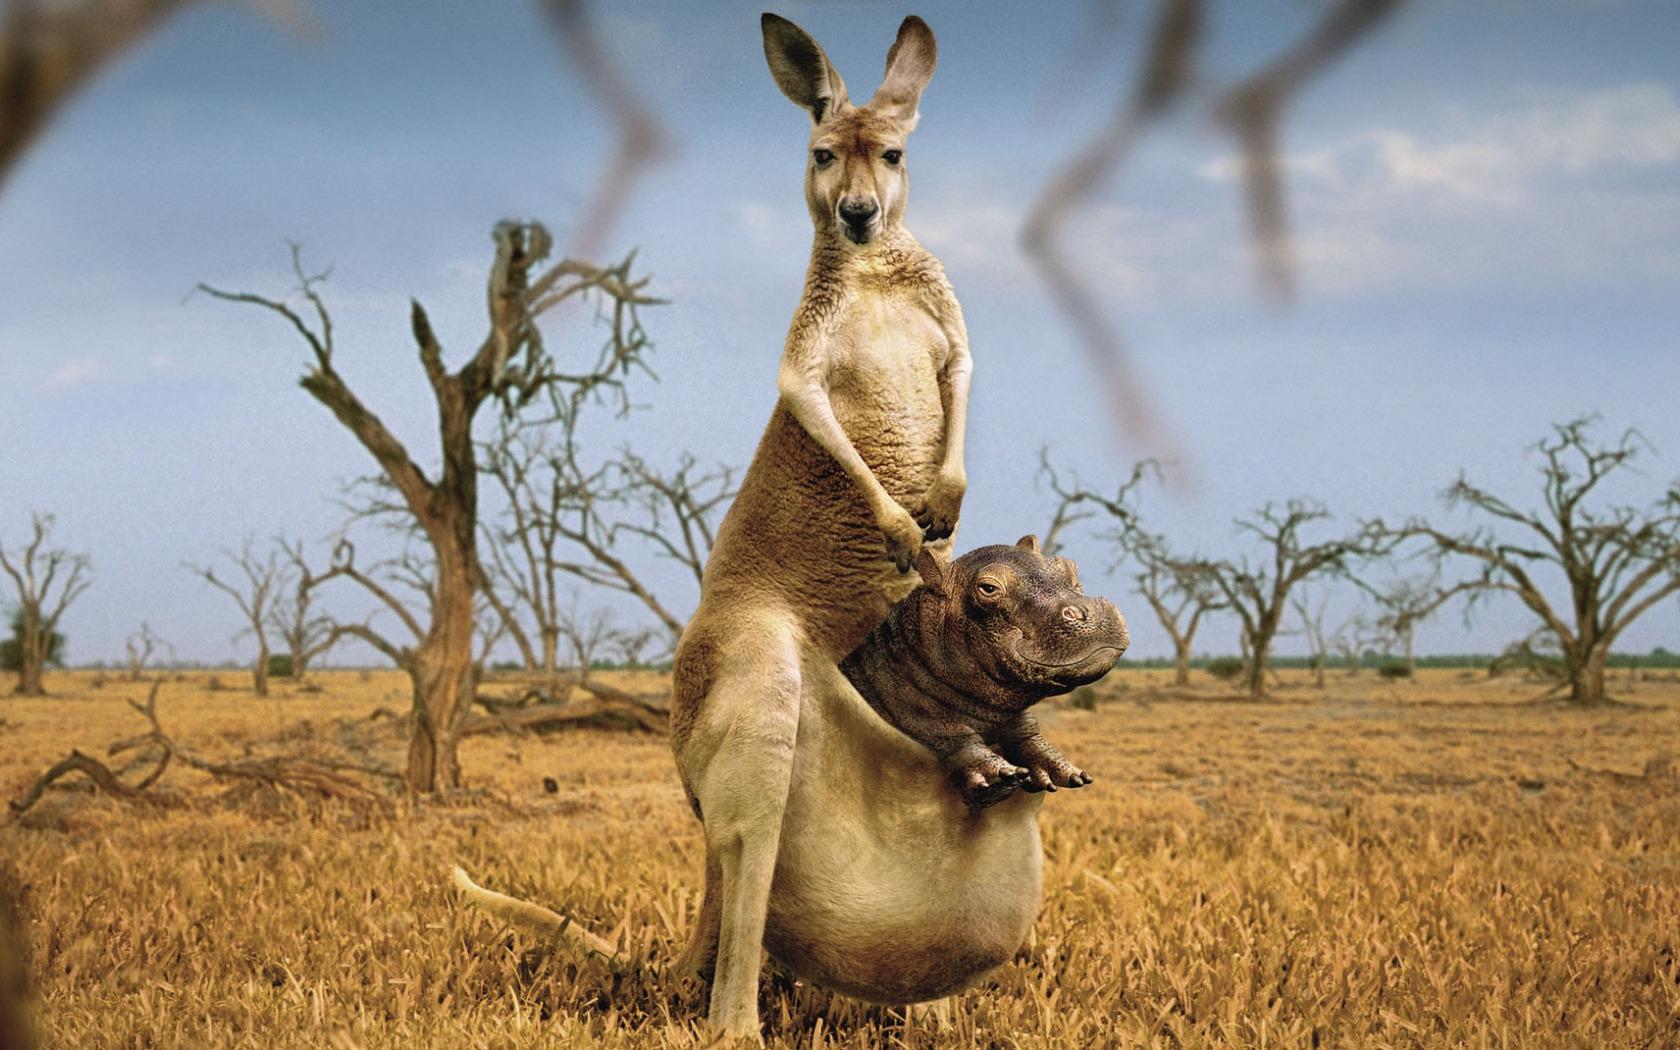 честь фото смешных животных сайты обладает многими